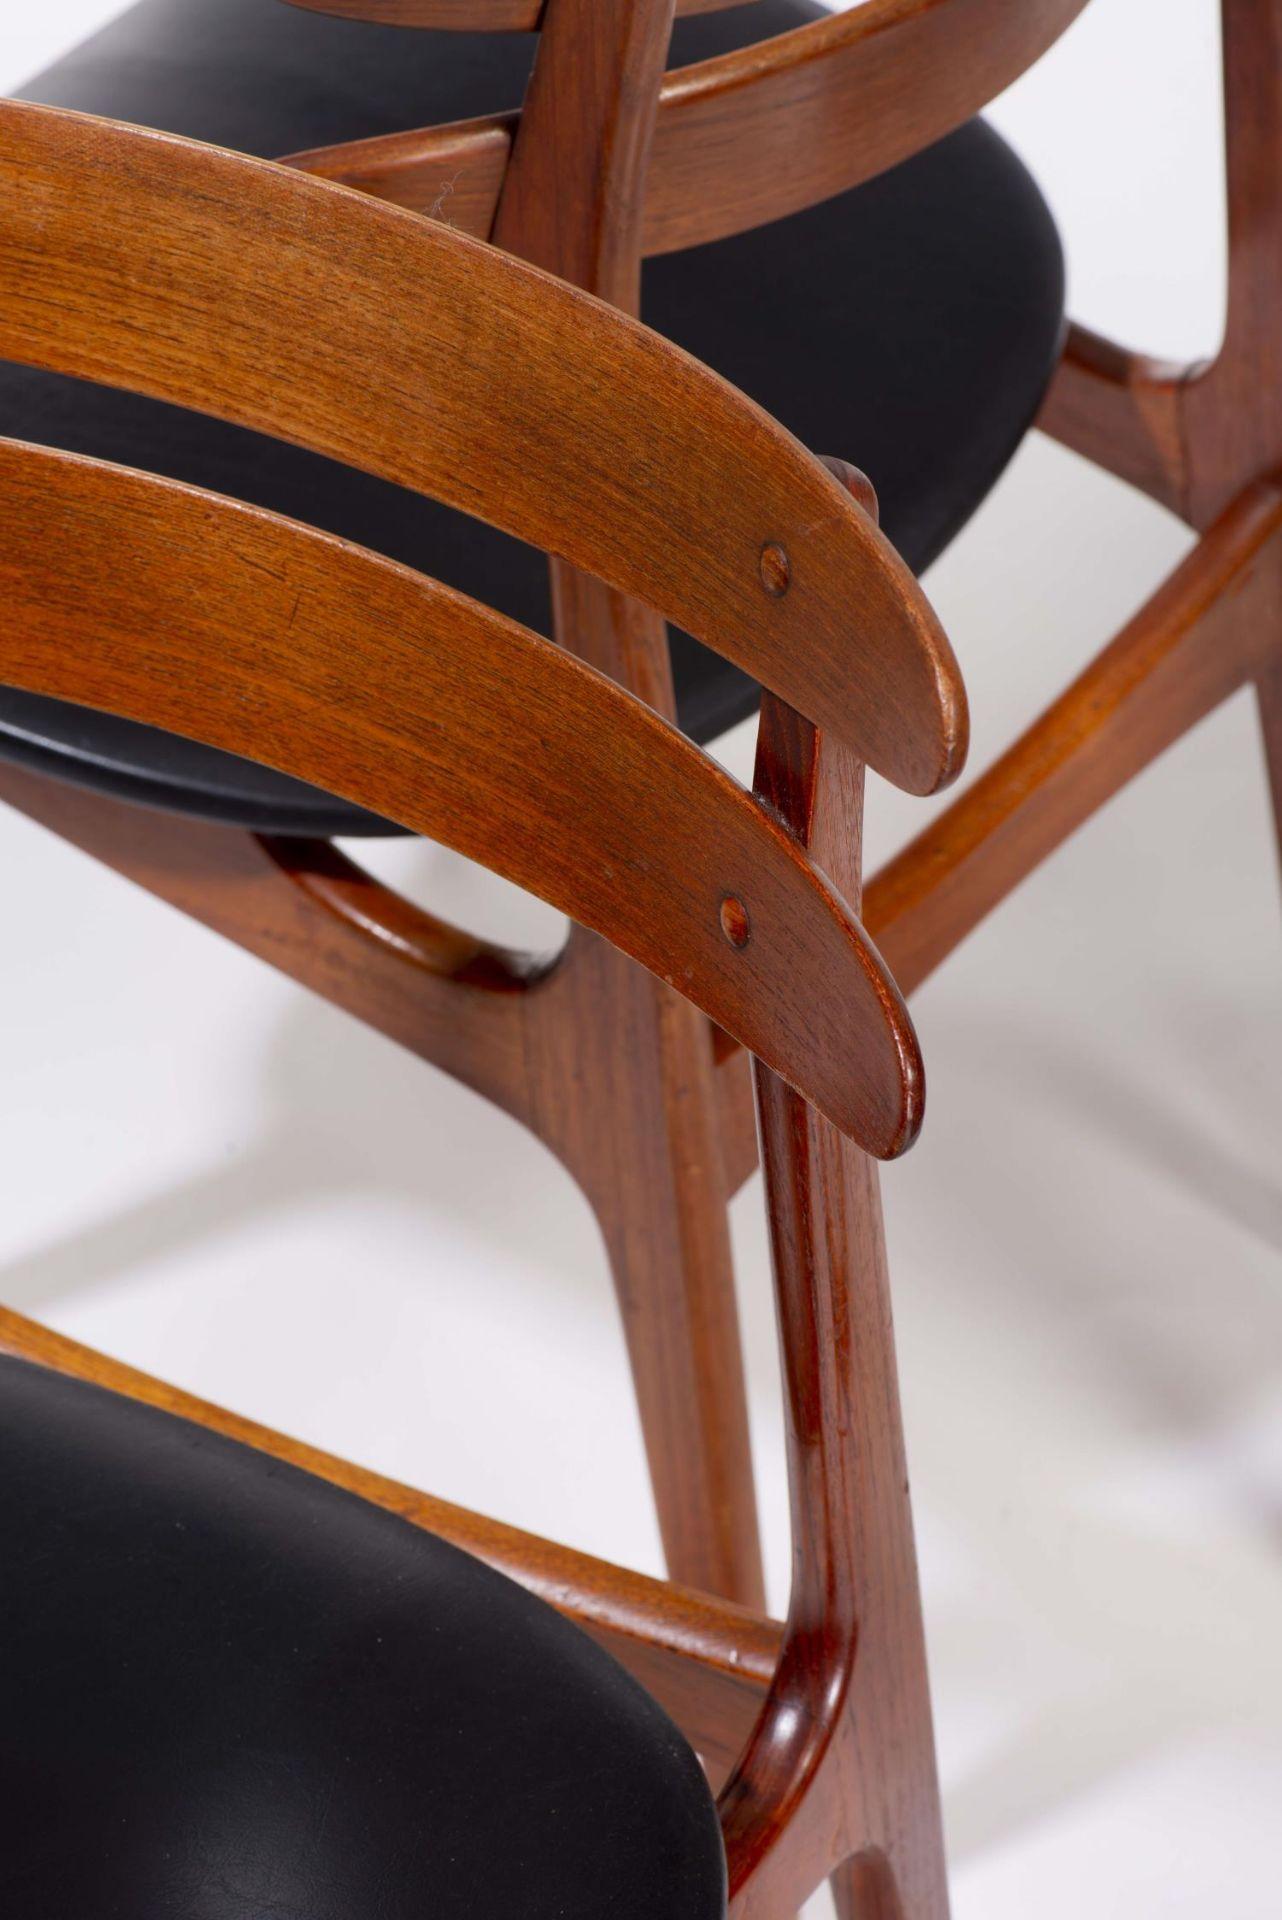 Quatre chaises en teck et deux fauteuils en chêne de style scandinave - Bild 6 aus 9